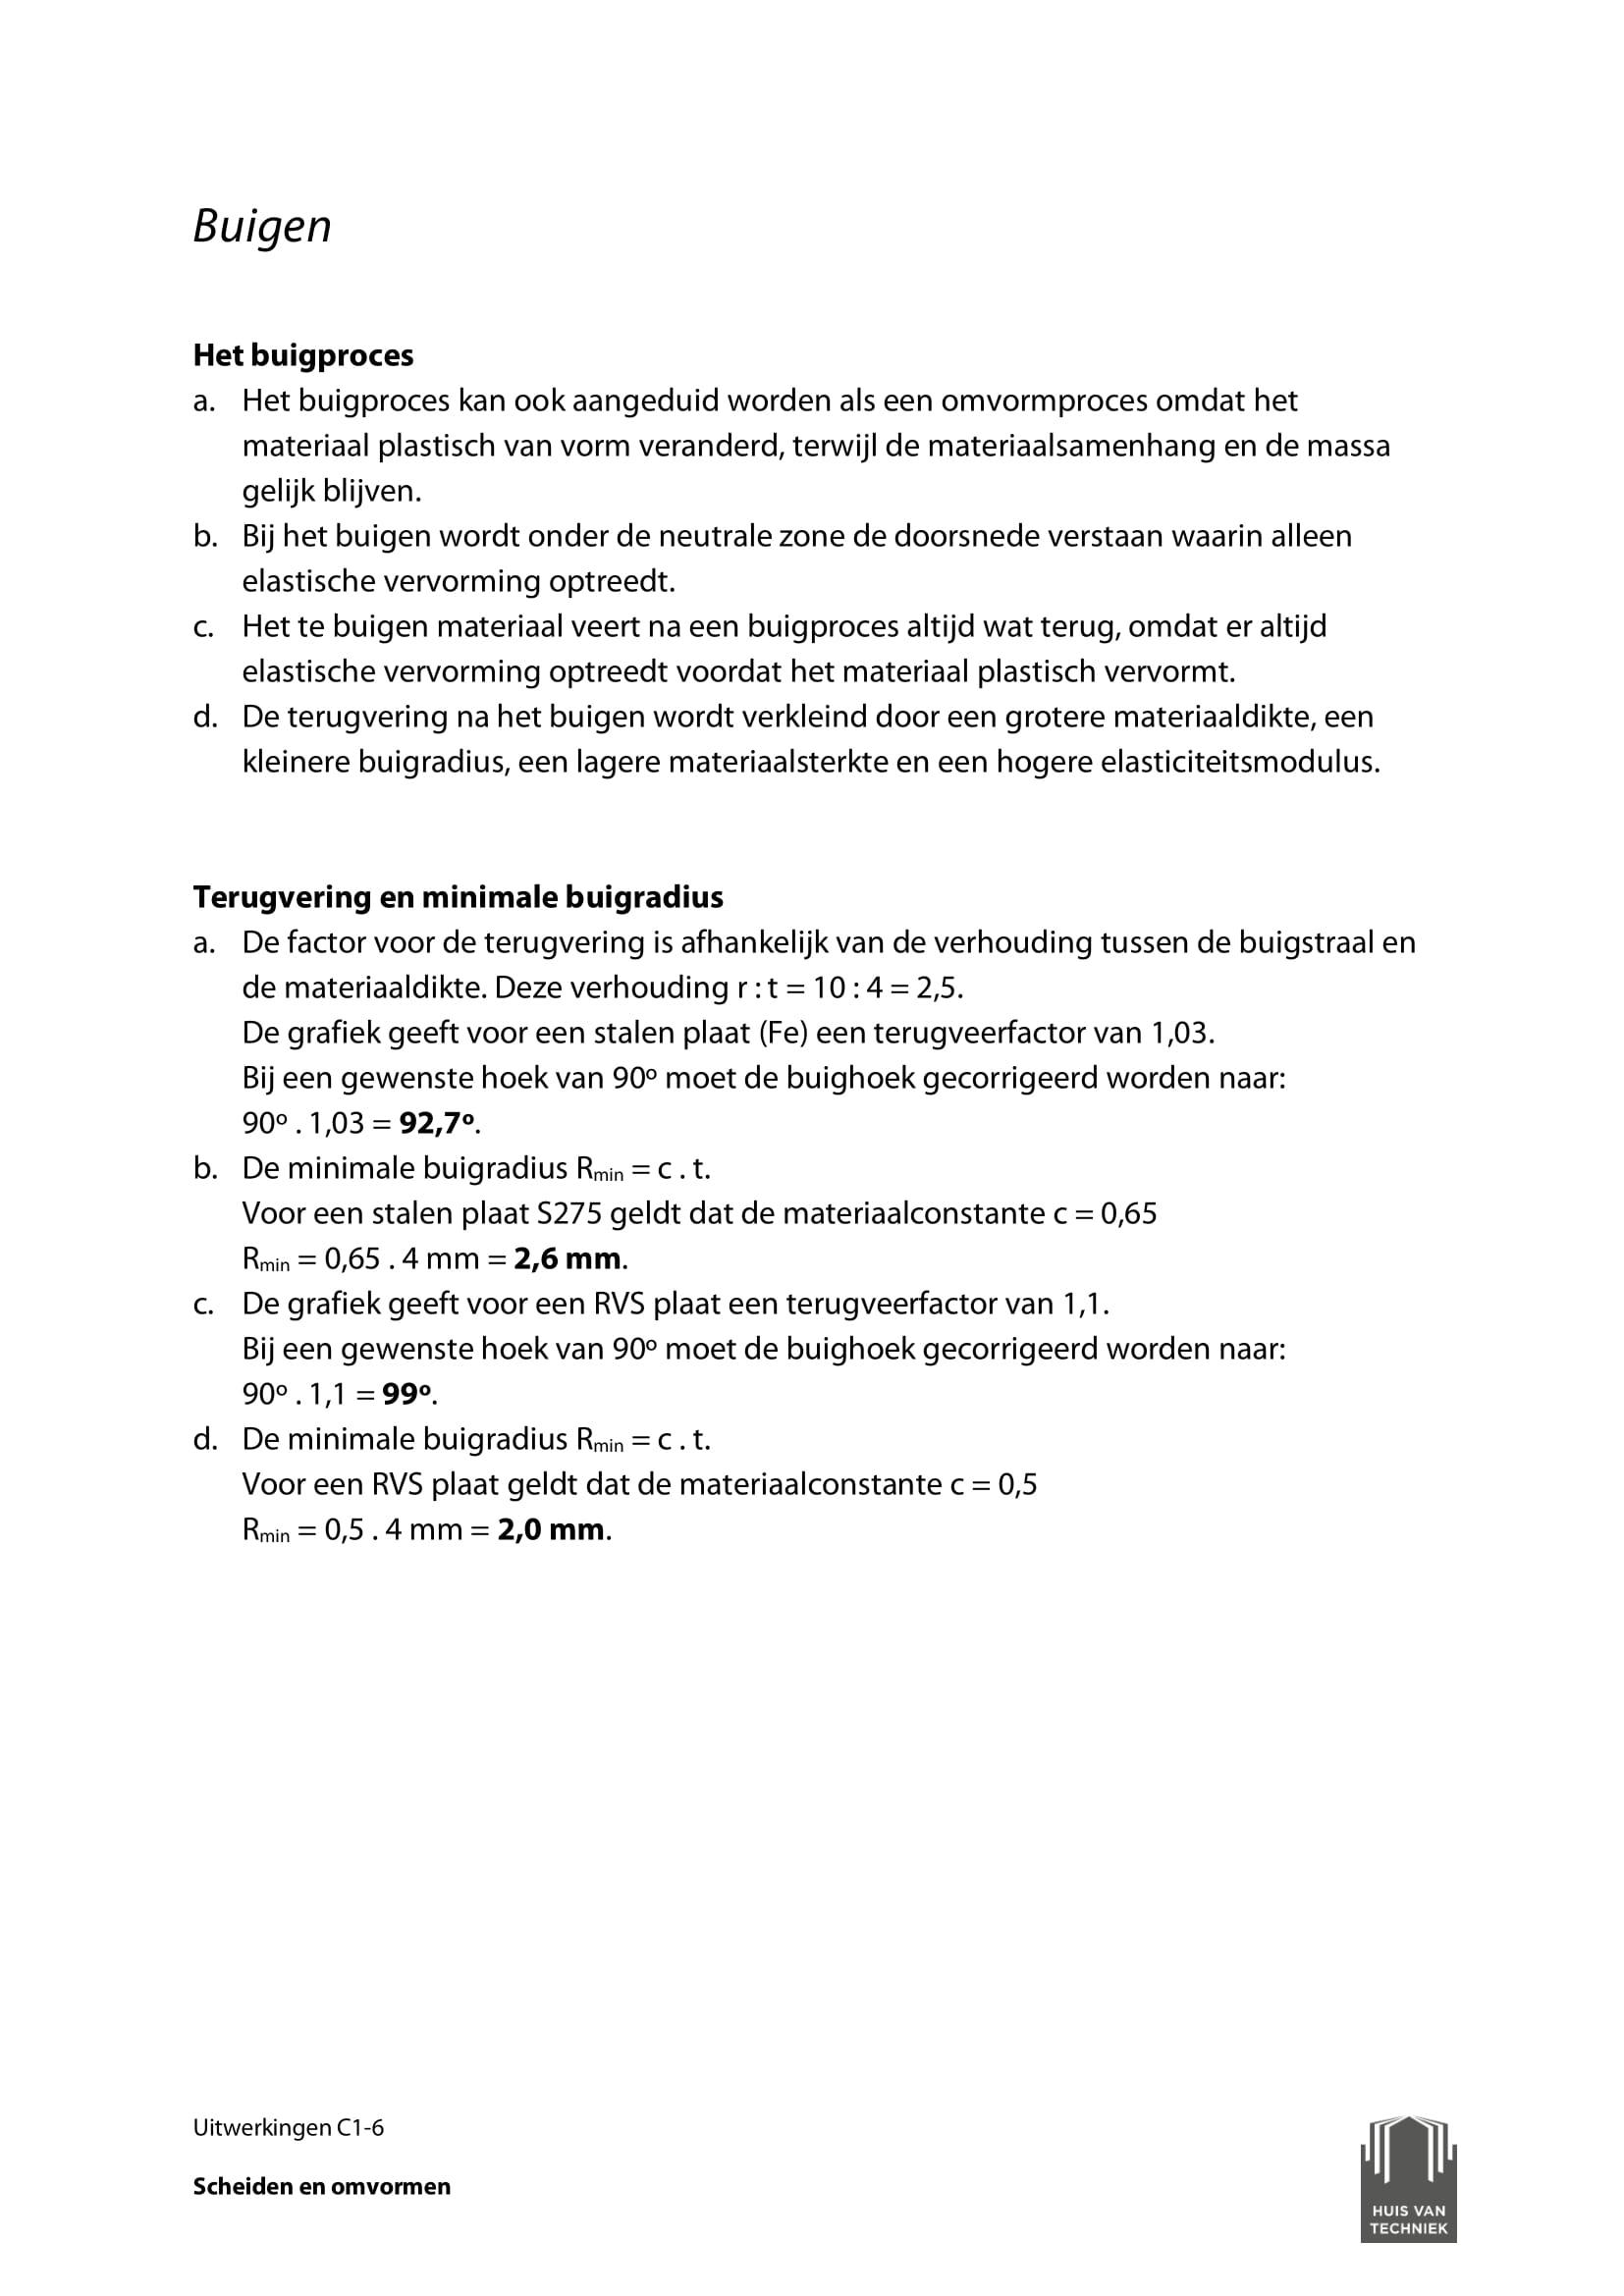 C1_uitwerkingen-6